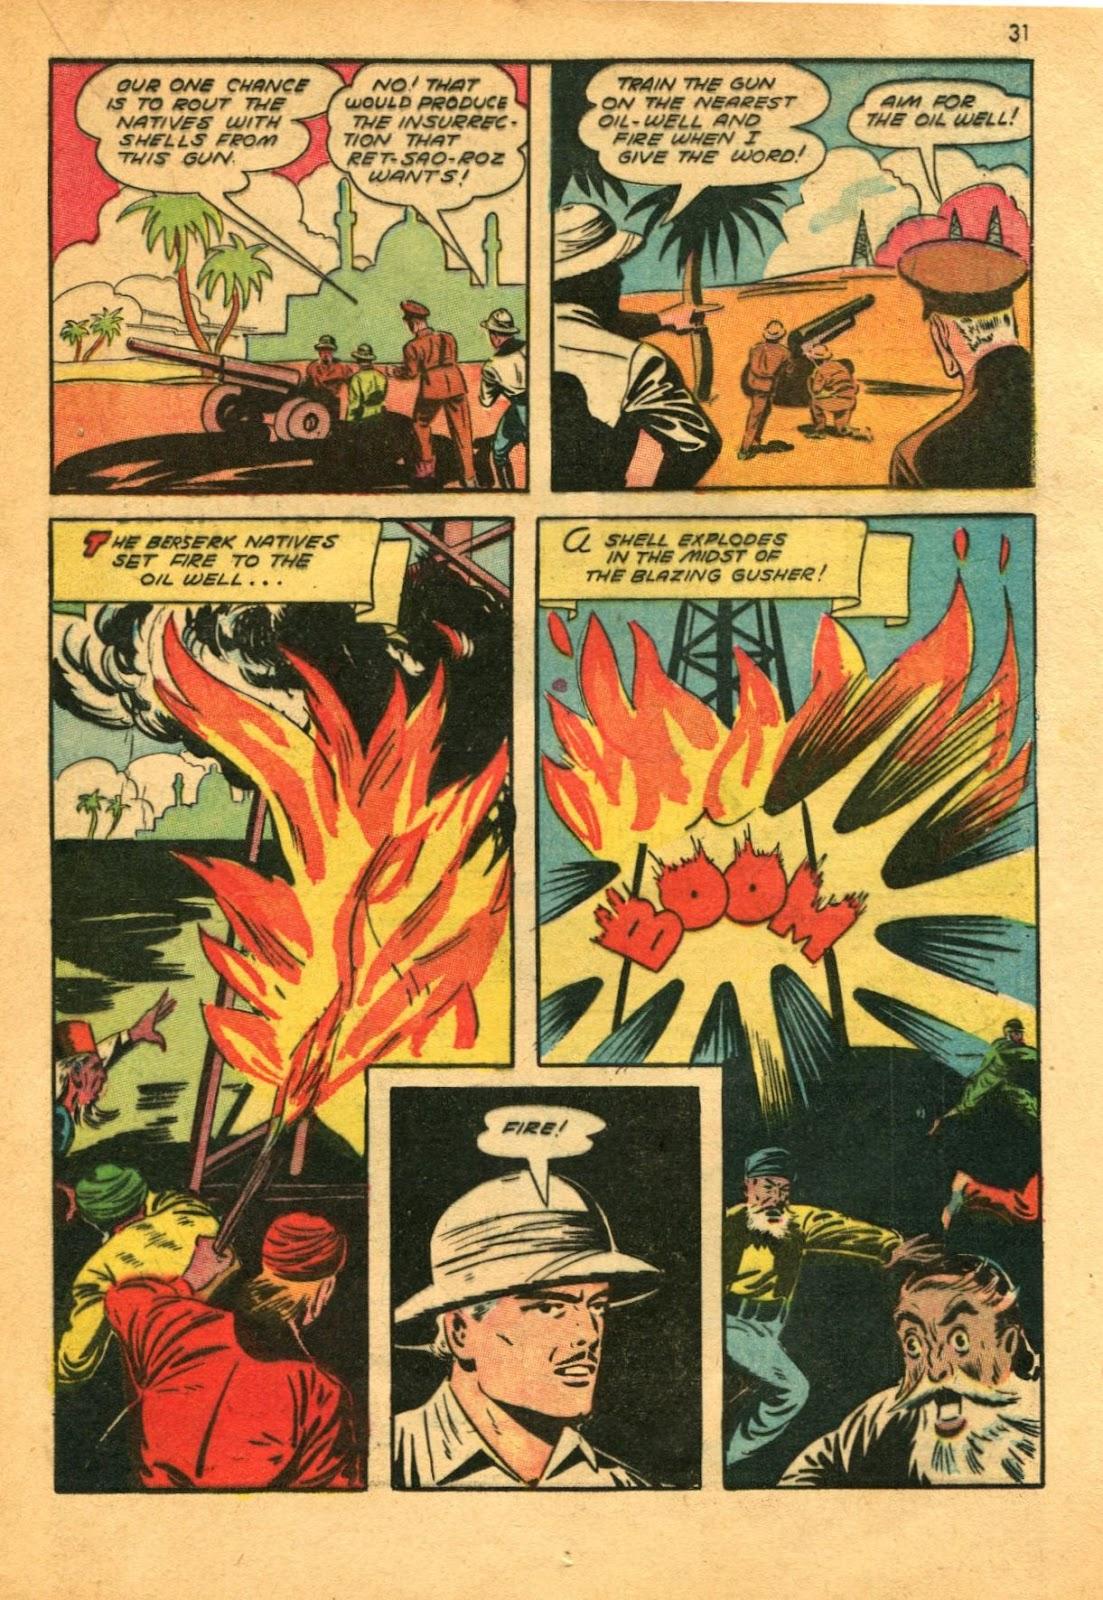 Read online Super-Magician Comics comic -  Issue #11 - 31